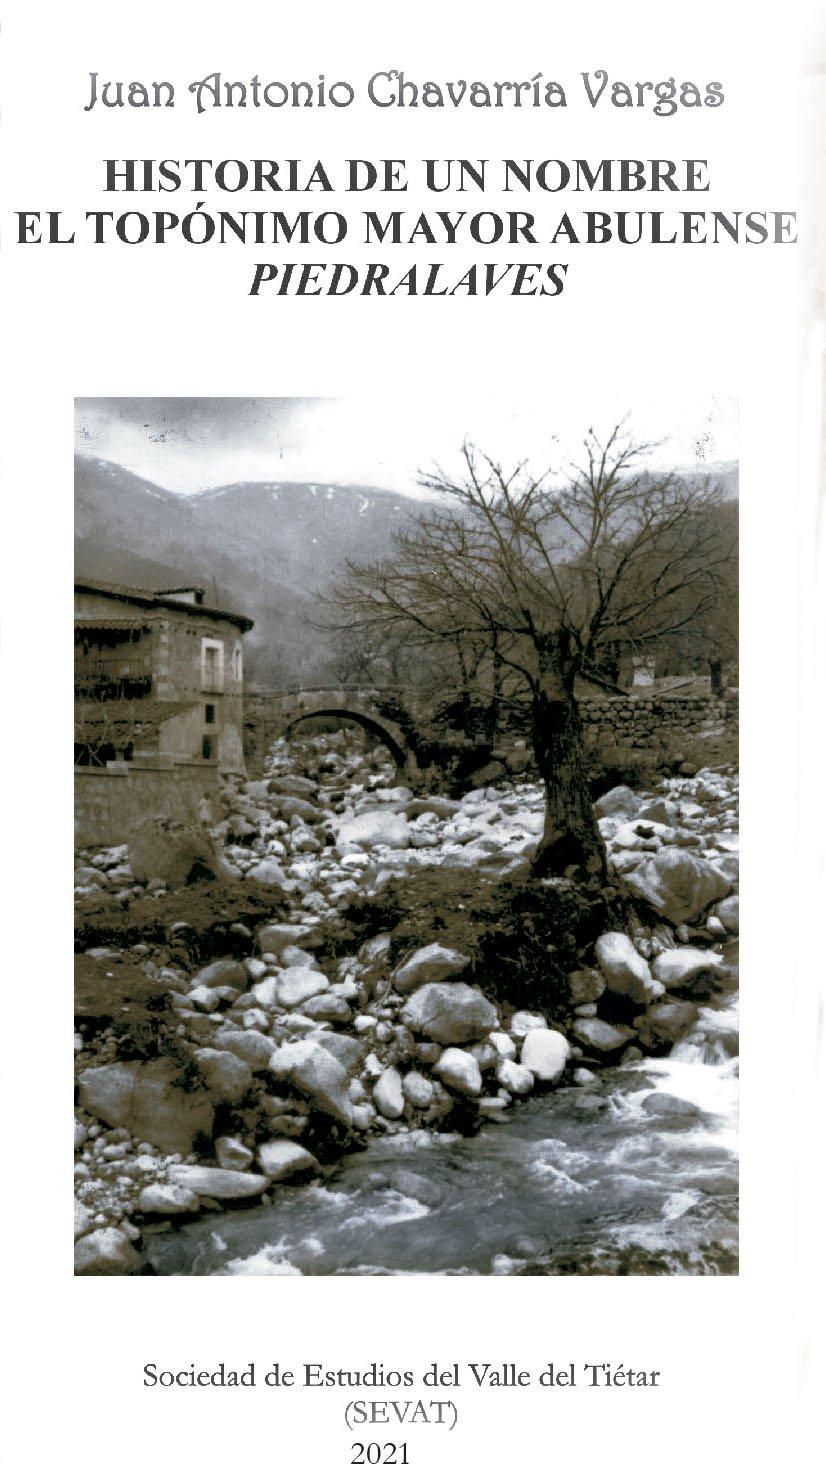 Portada del libro sobre Piedralaves